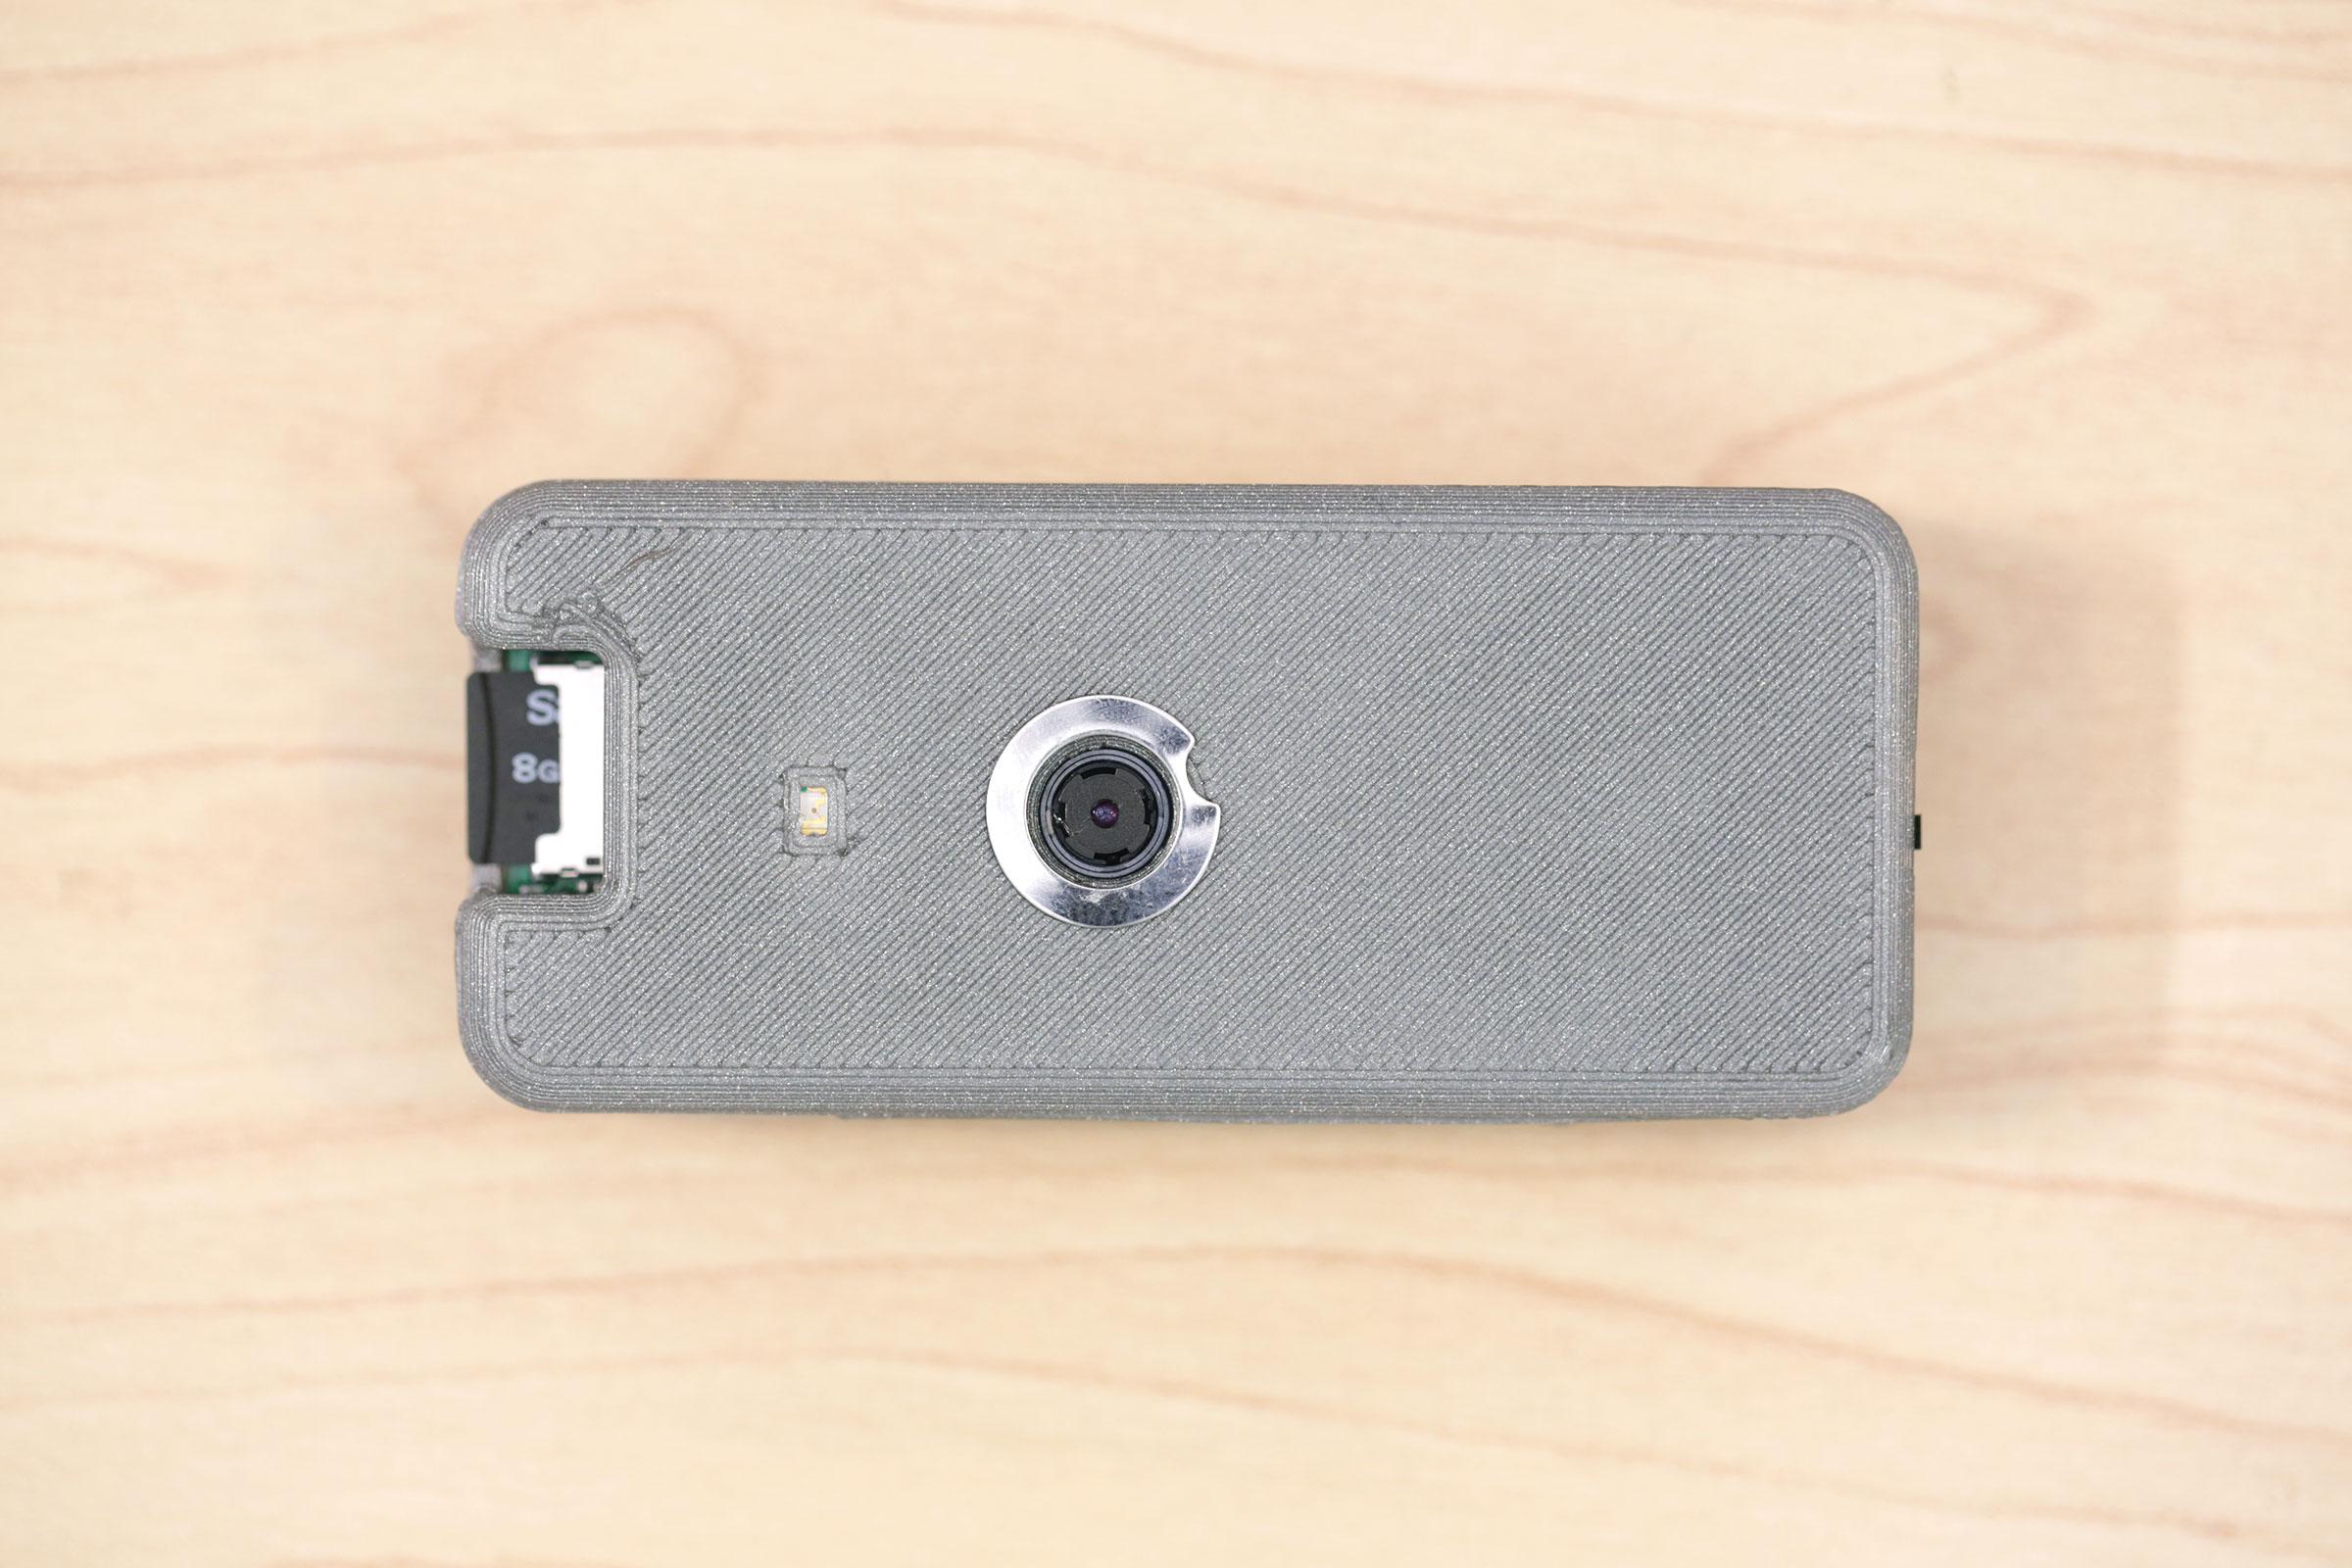 camera_lens-ring.jpg